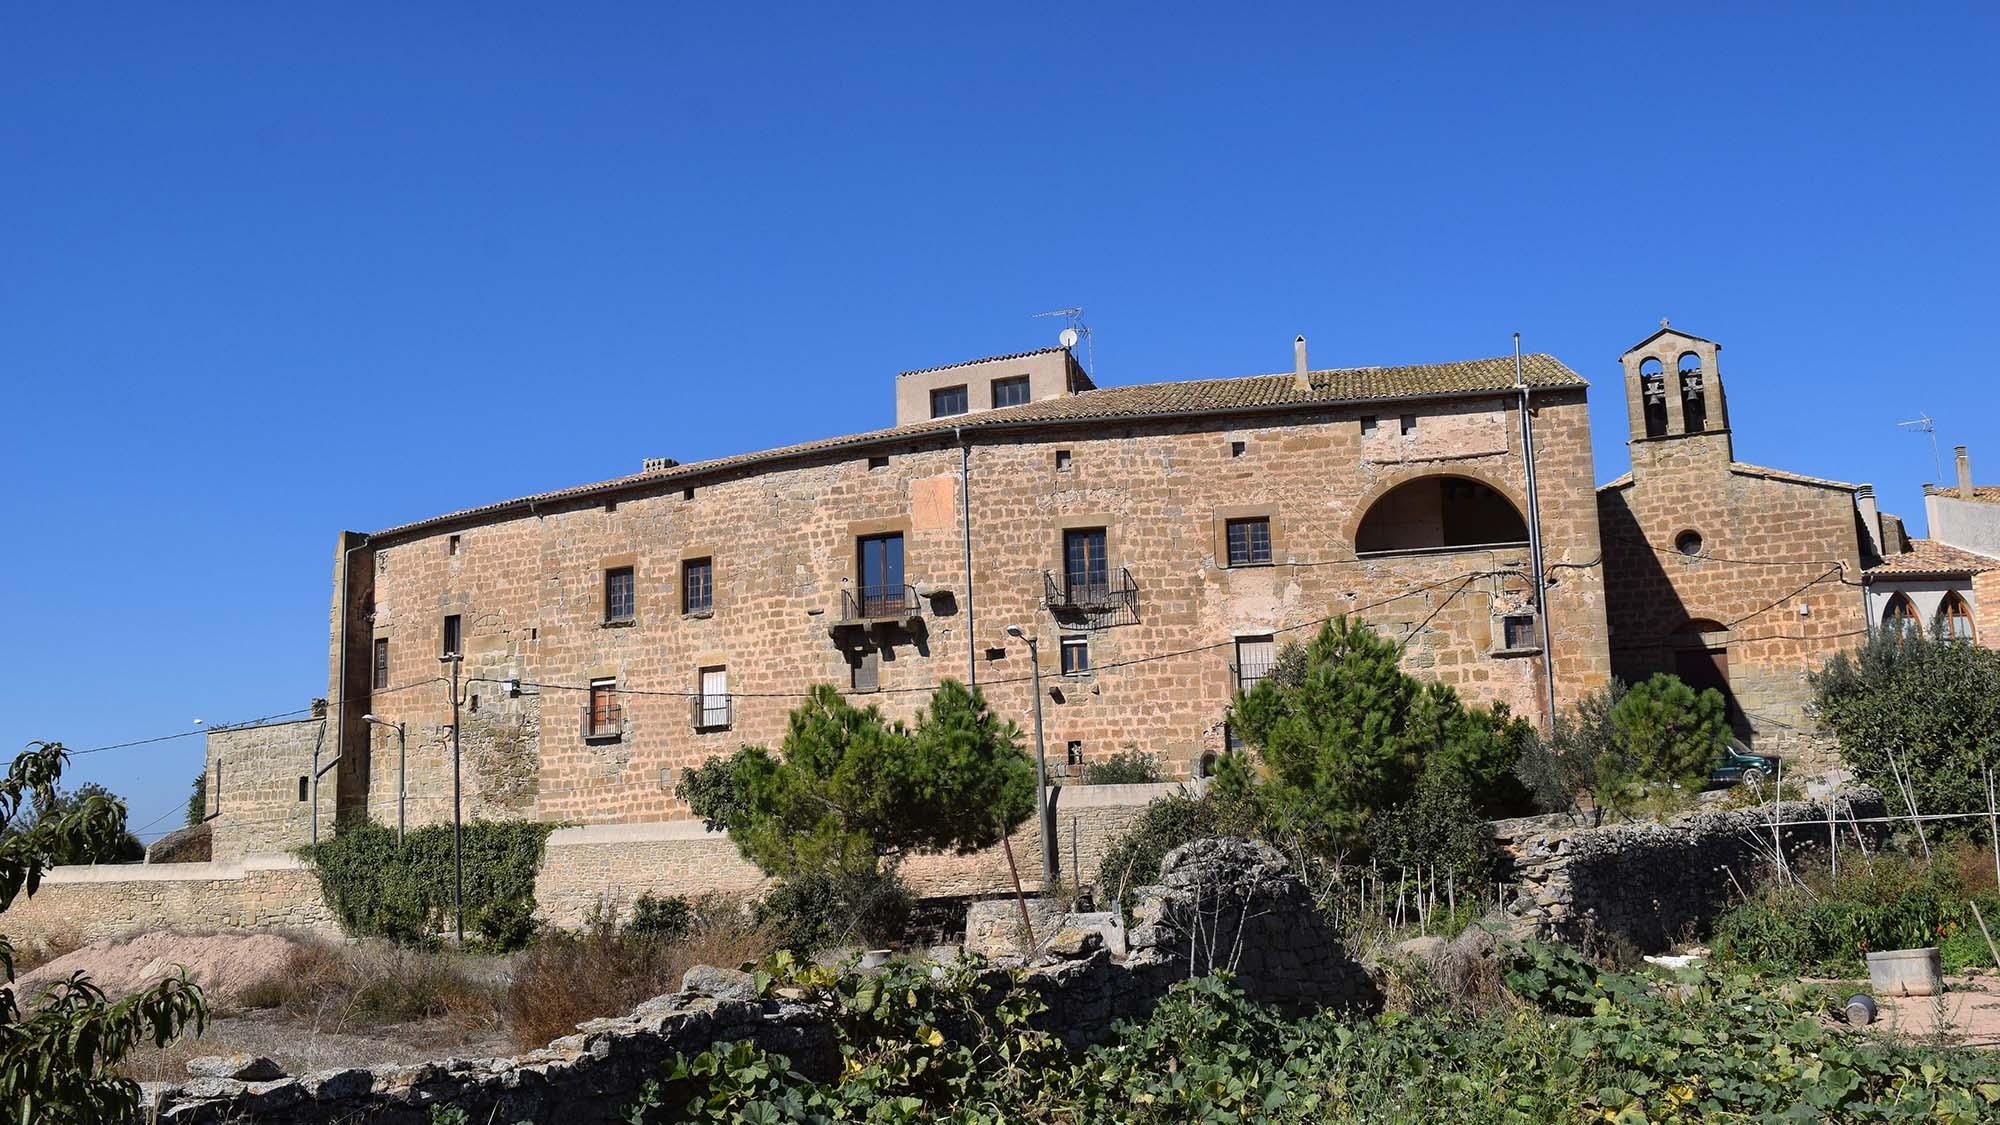 Edifici  Ca n'Alió o Casa Solsona